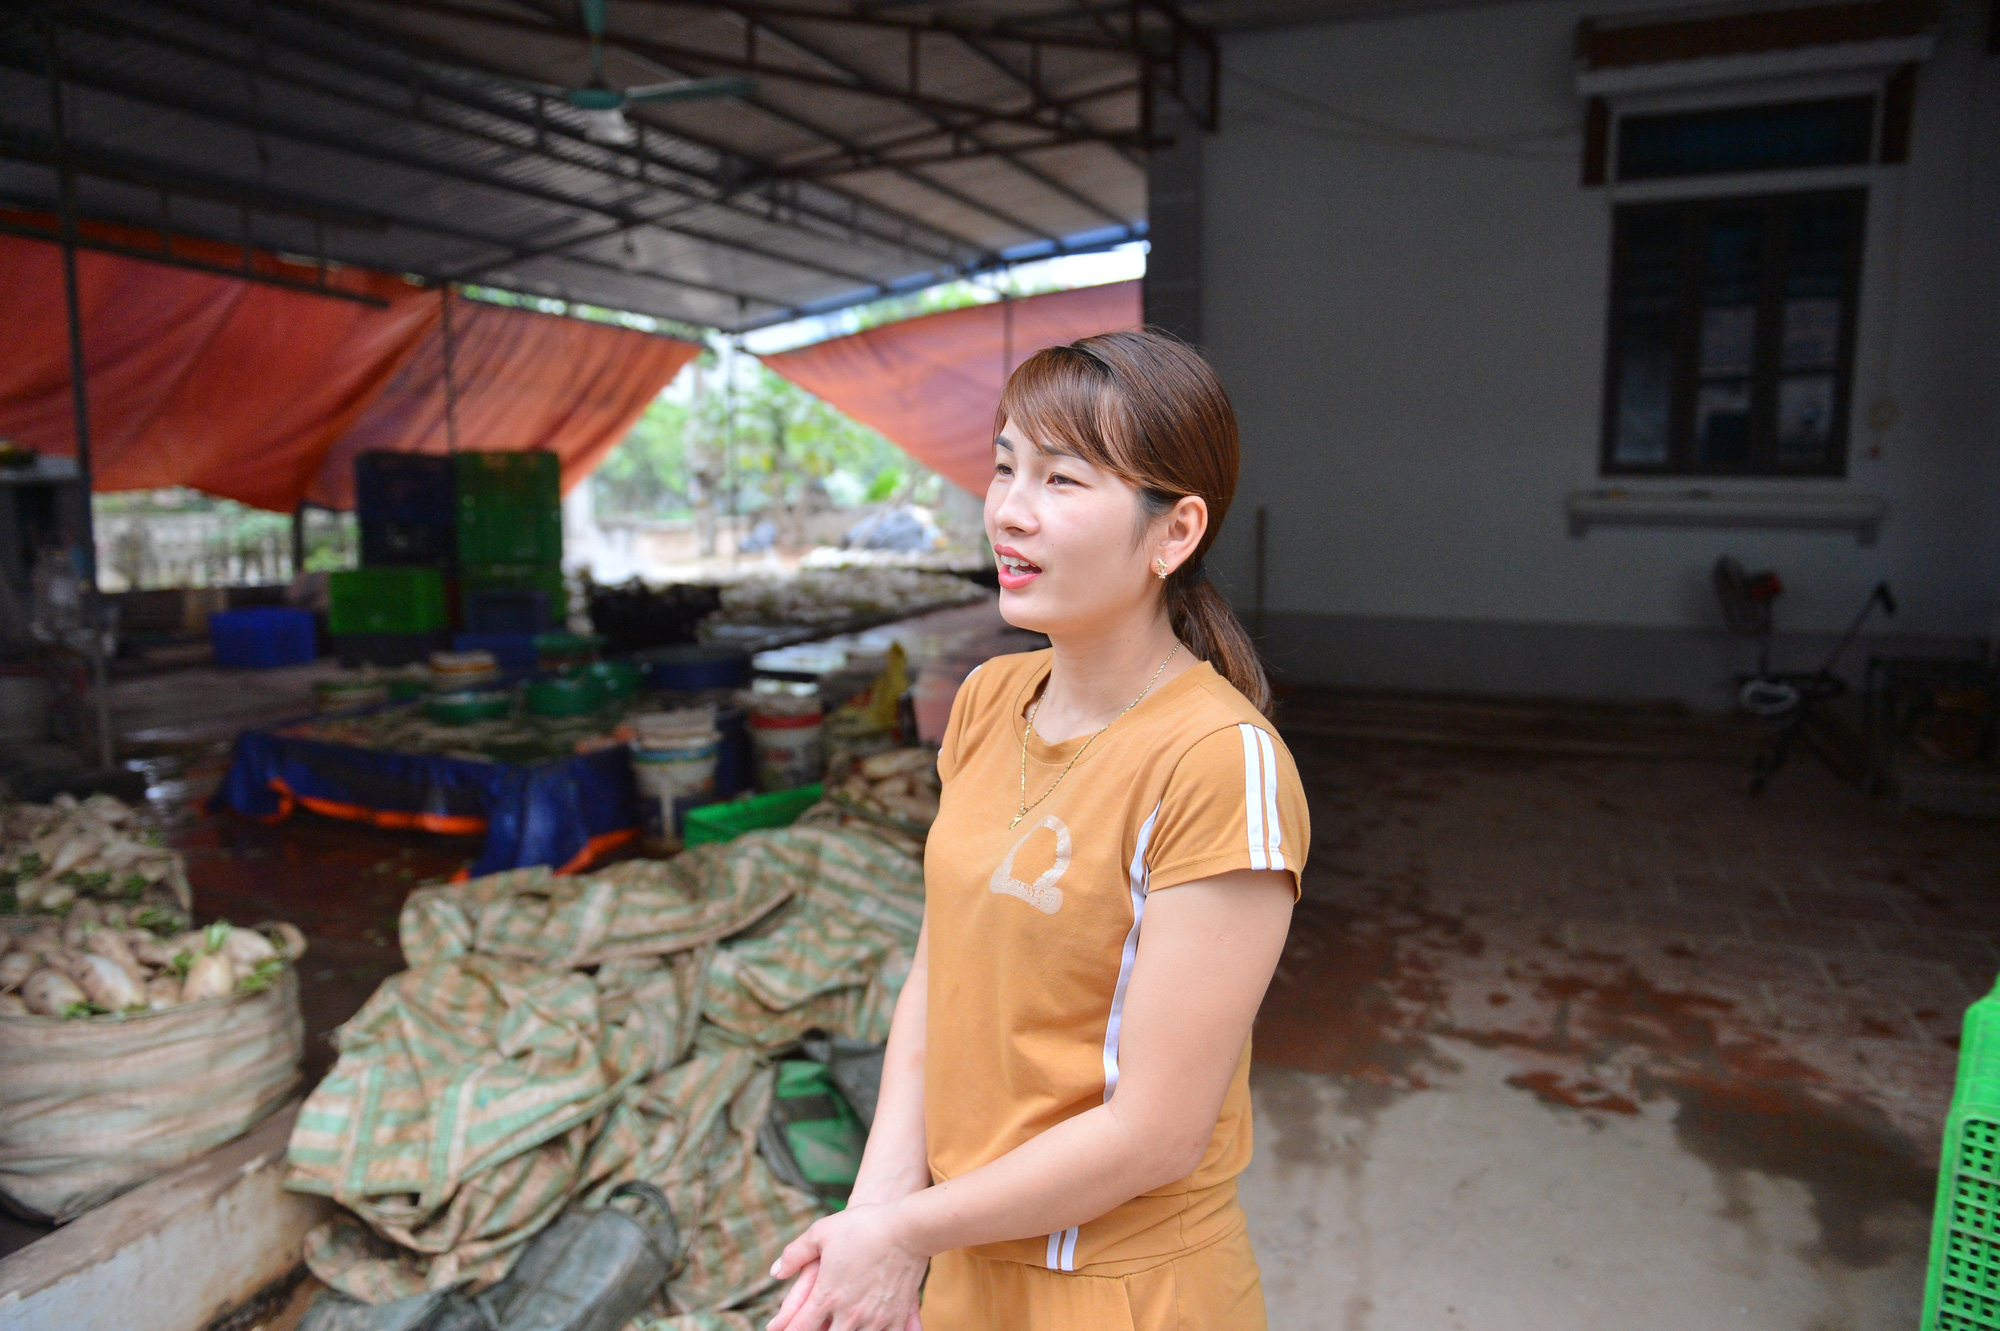 Sau Hải Dương, hàng trăm tấn củ cải ở Hà Nội rớt giá, người dân phải nhổ bỏ vì bán không ai mua - Ảnh 14.